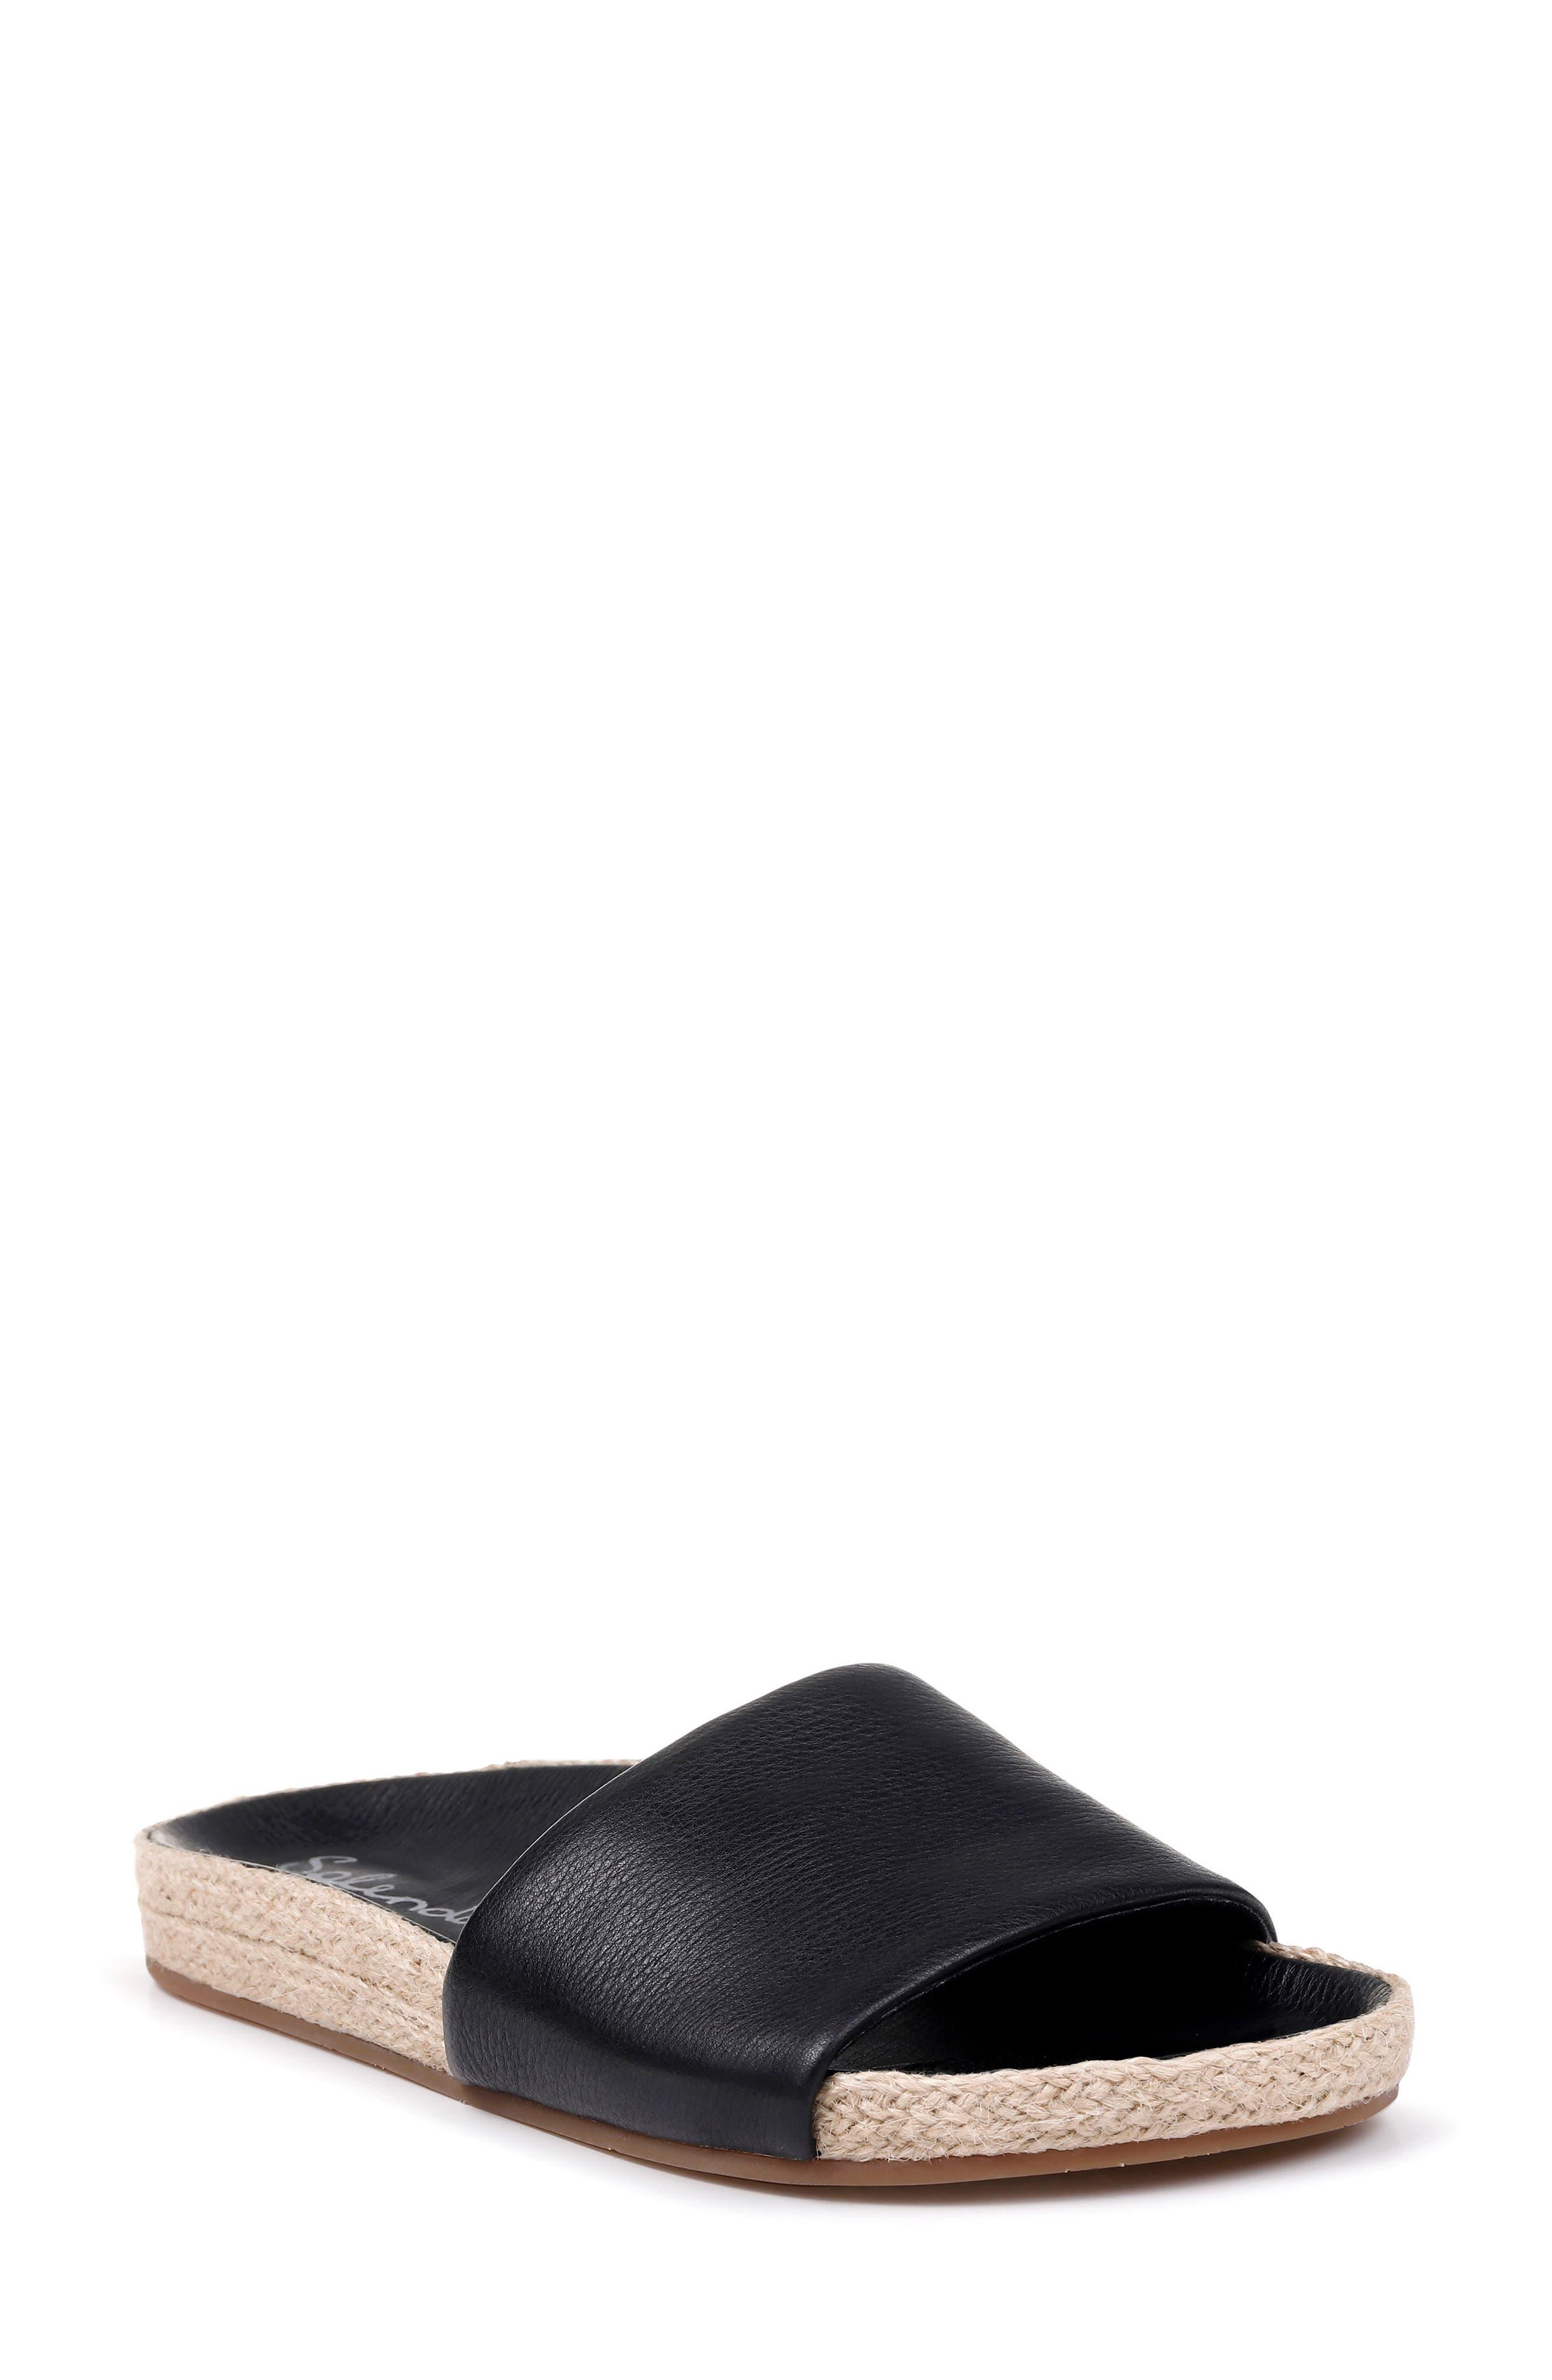 SPLENDID Sandford Espadrille Slide Sandal, Main, color, BLACK LEATHER